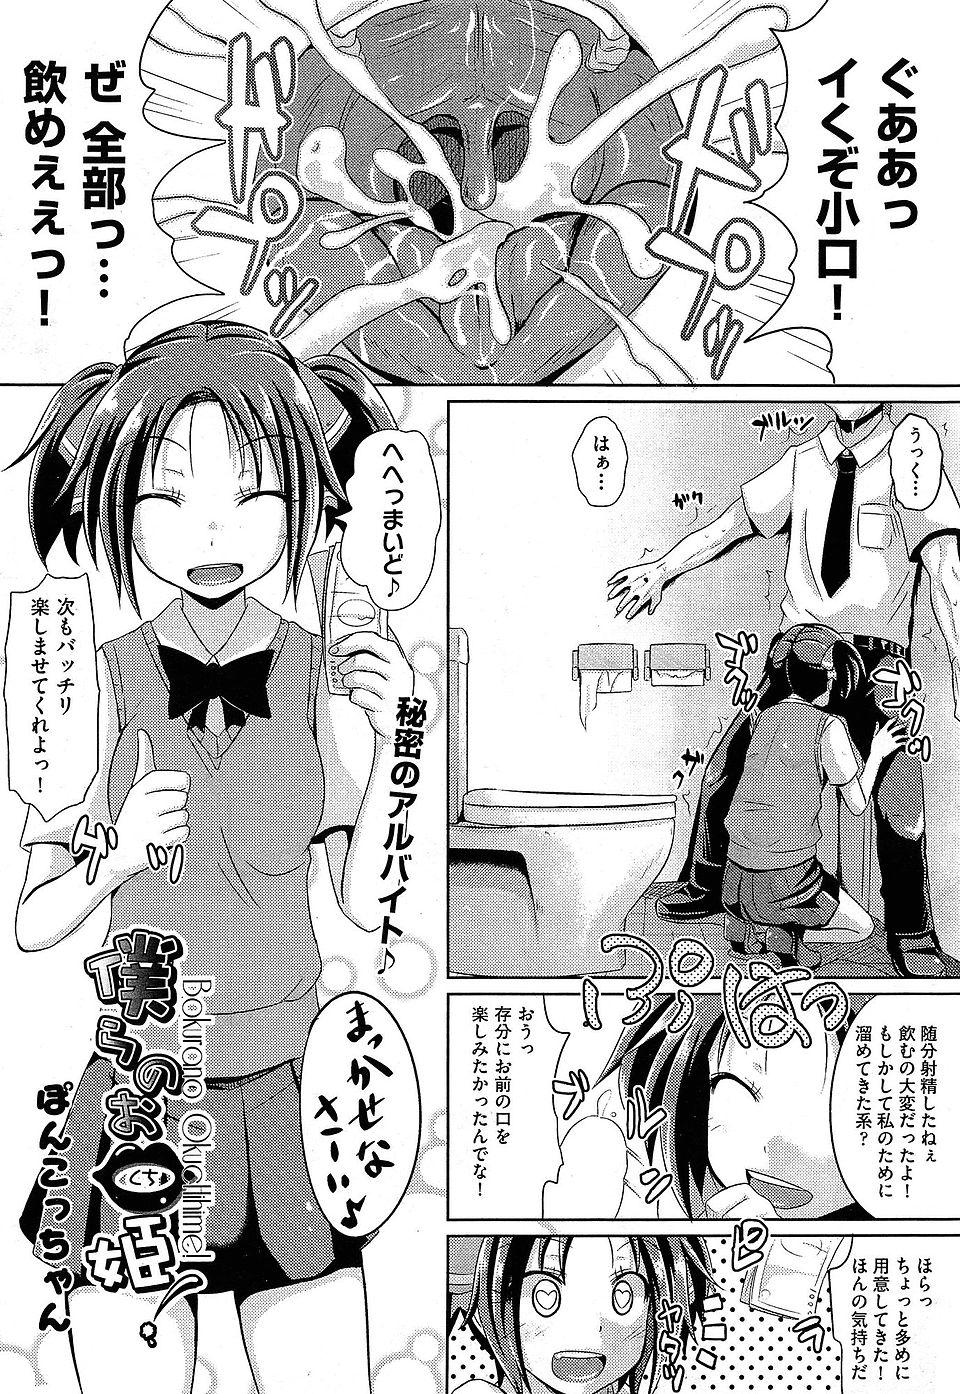 [ぽんこっちゃん] 僕らのおくち姫! (1)